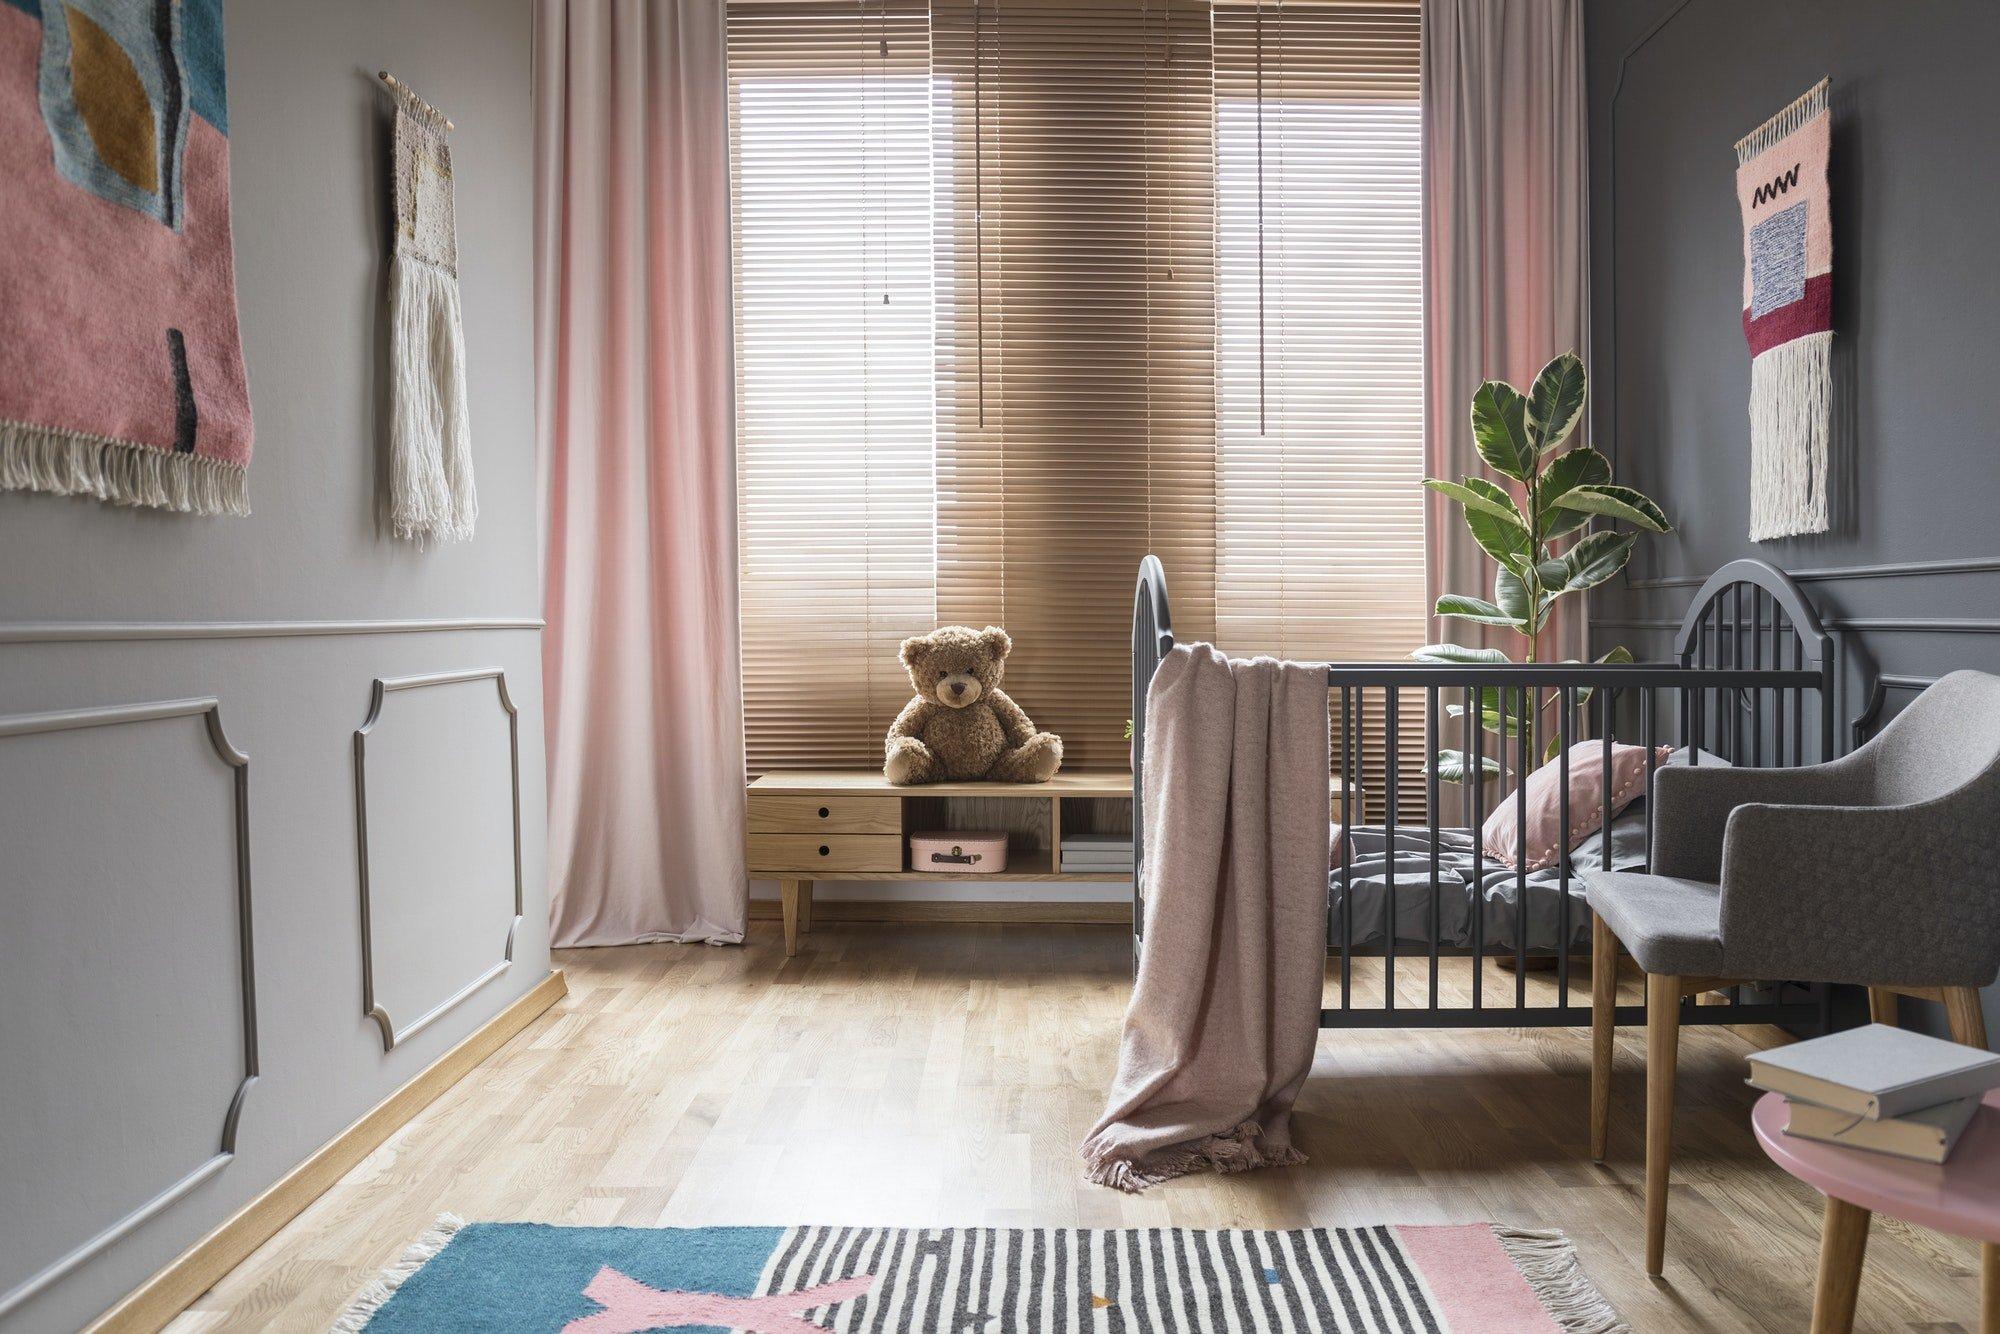 Cortinas y persianas en las ventanas de aluminio en el interior del dormitorio